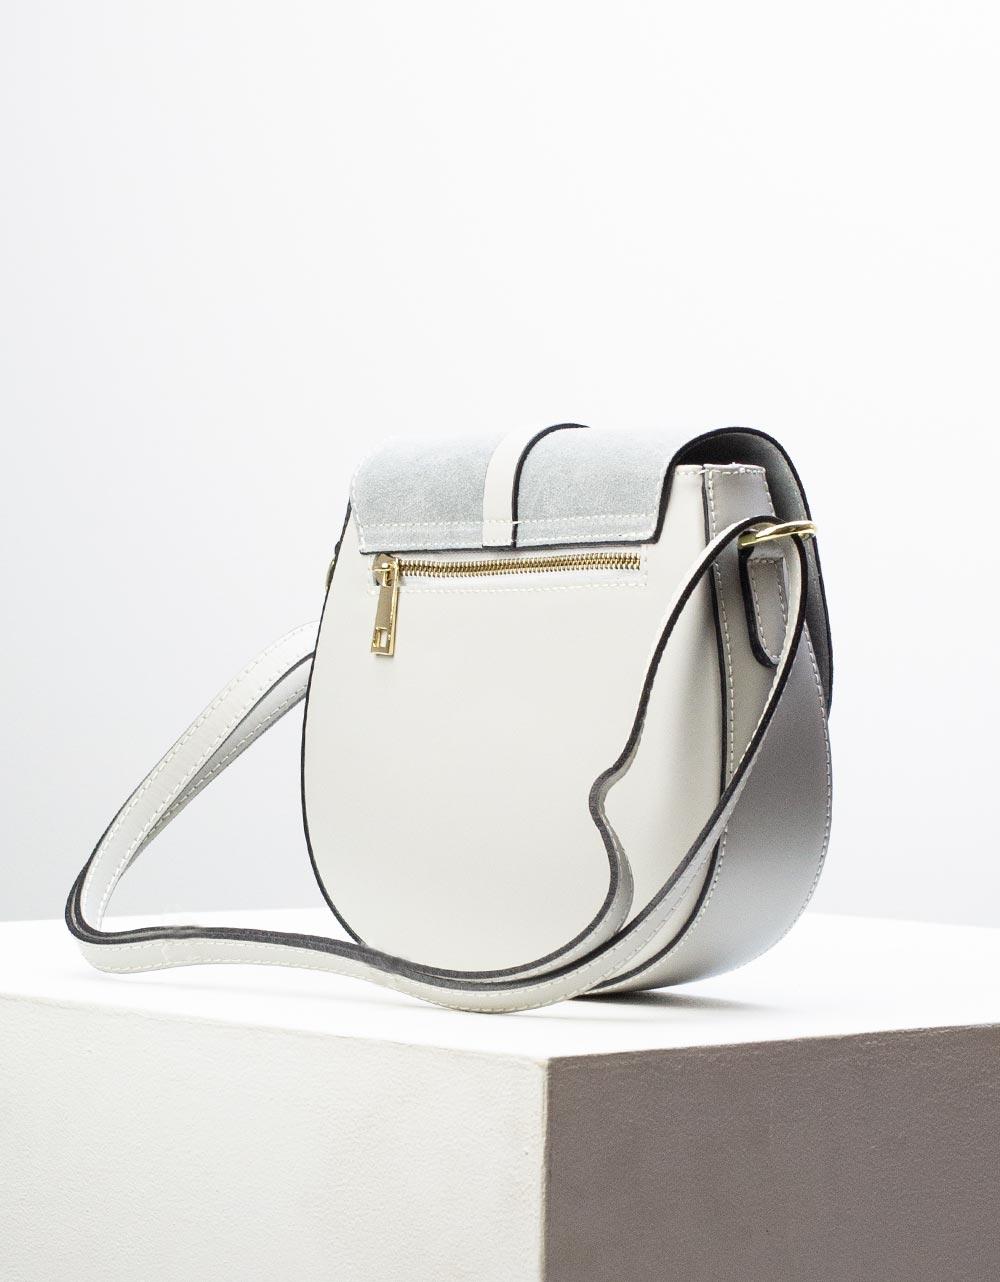 Εικόνα από Γυναικεία τσάντα ώμου & χιαστί από γνήσιο δέρμα σε συνδιασμούς υλικών Γκρι